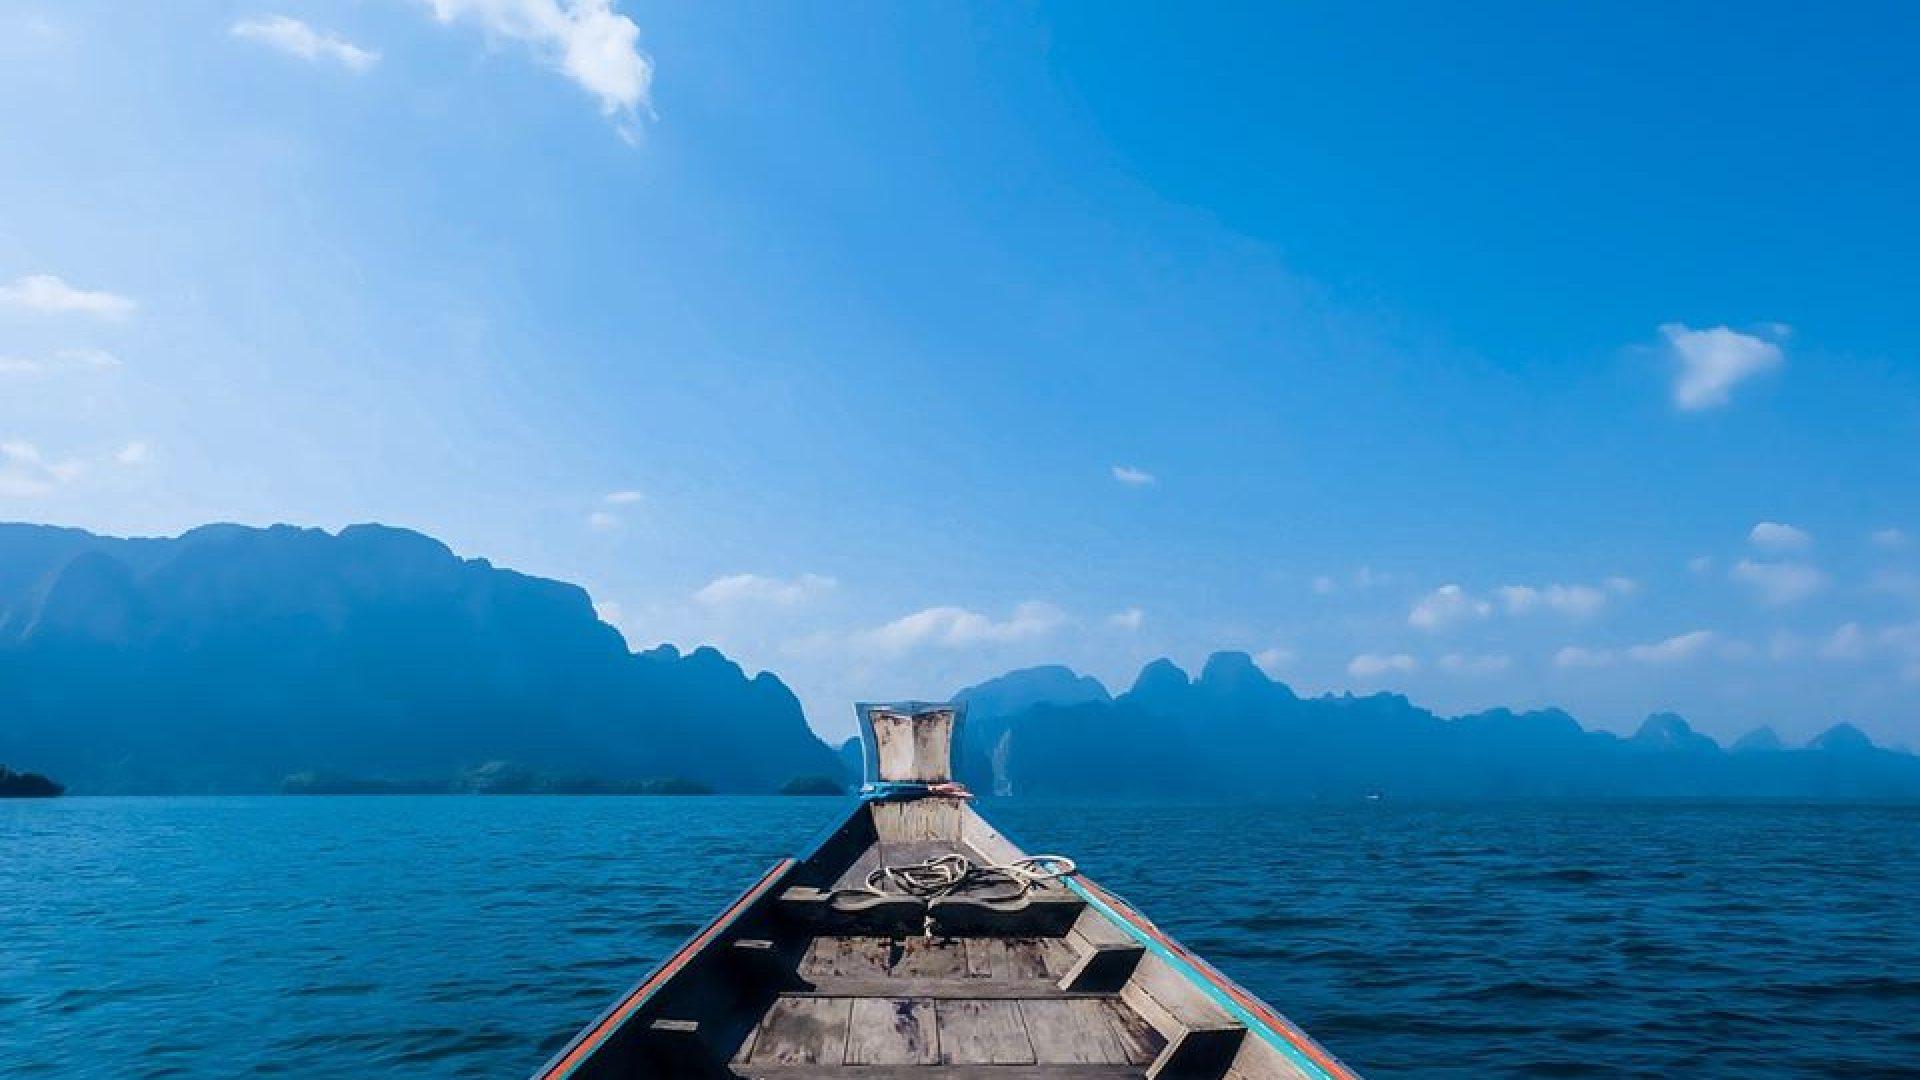 Båt på sjøen